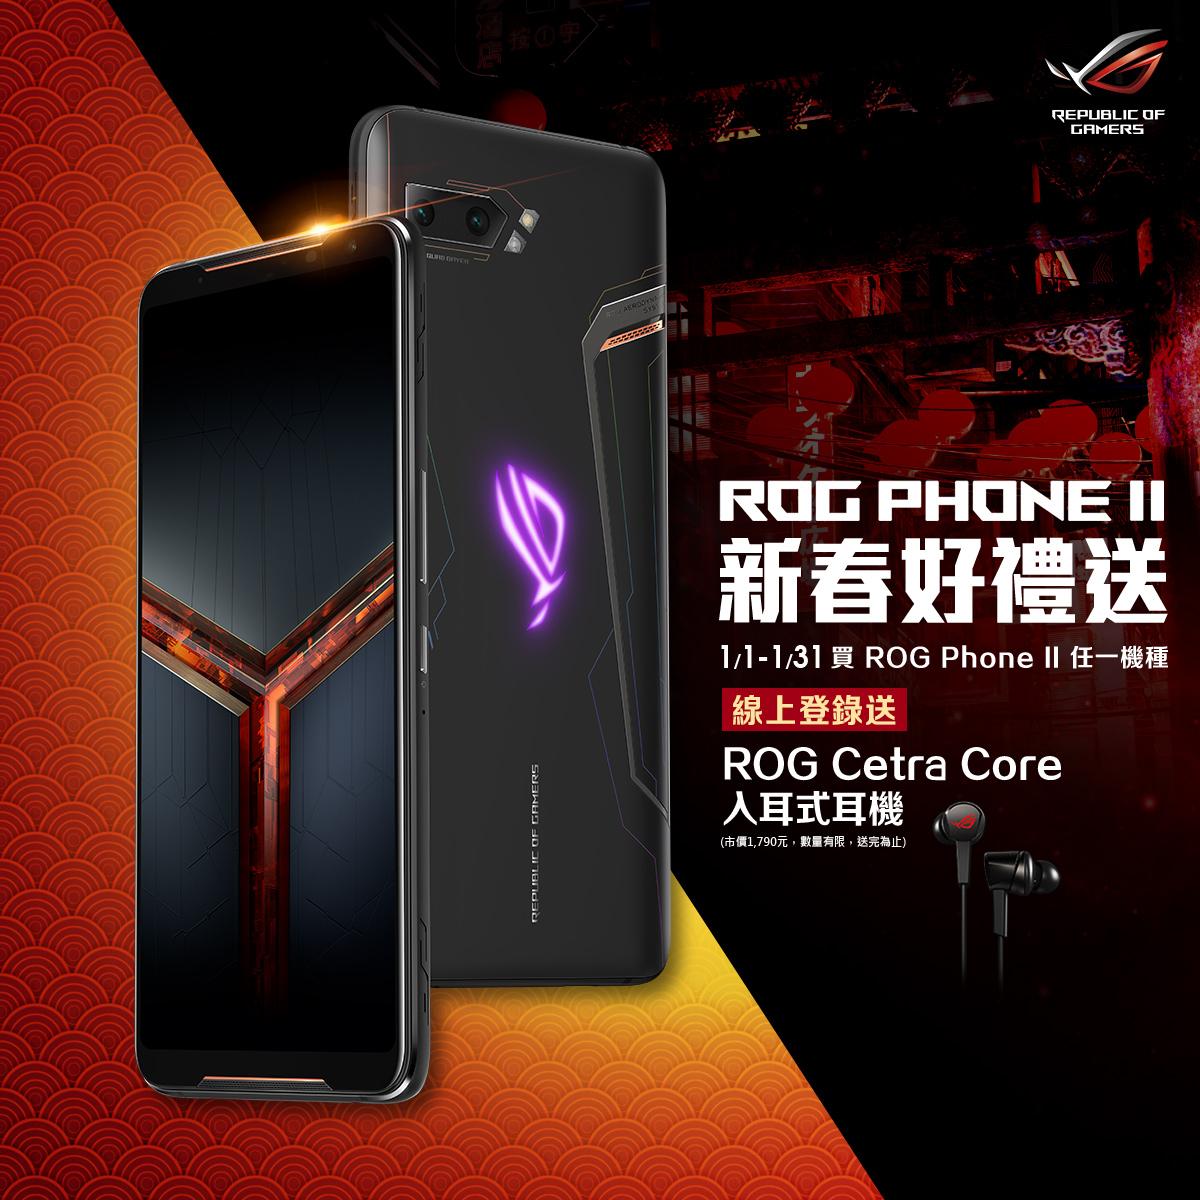 2020年1月1日起至1月31日,於全通路購買ROG Phone II 全系列,線上登錄送全新上市的ROG Cetra Core入耳式電競耳機。